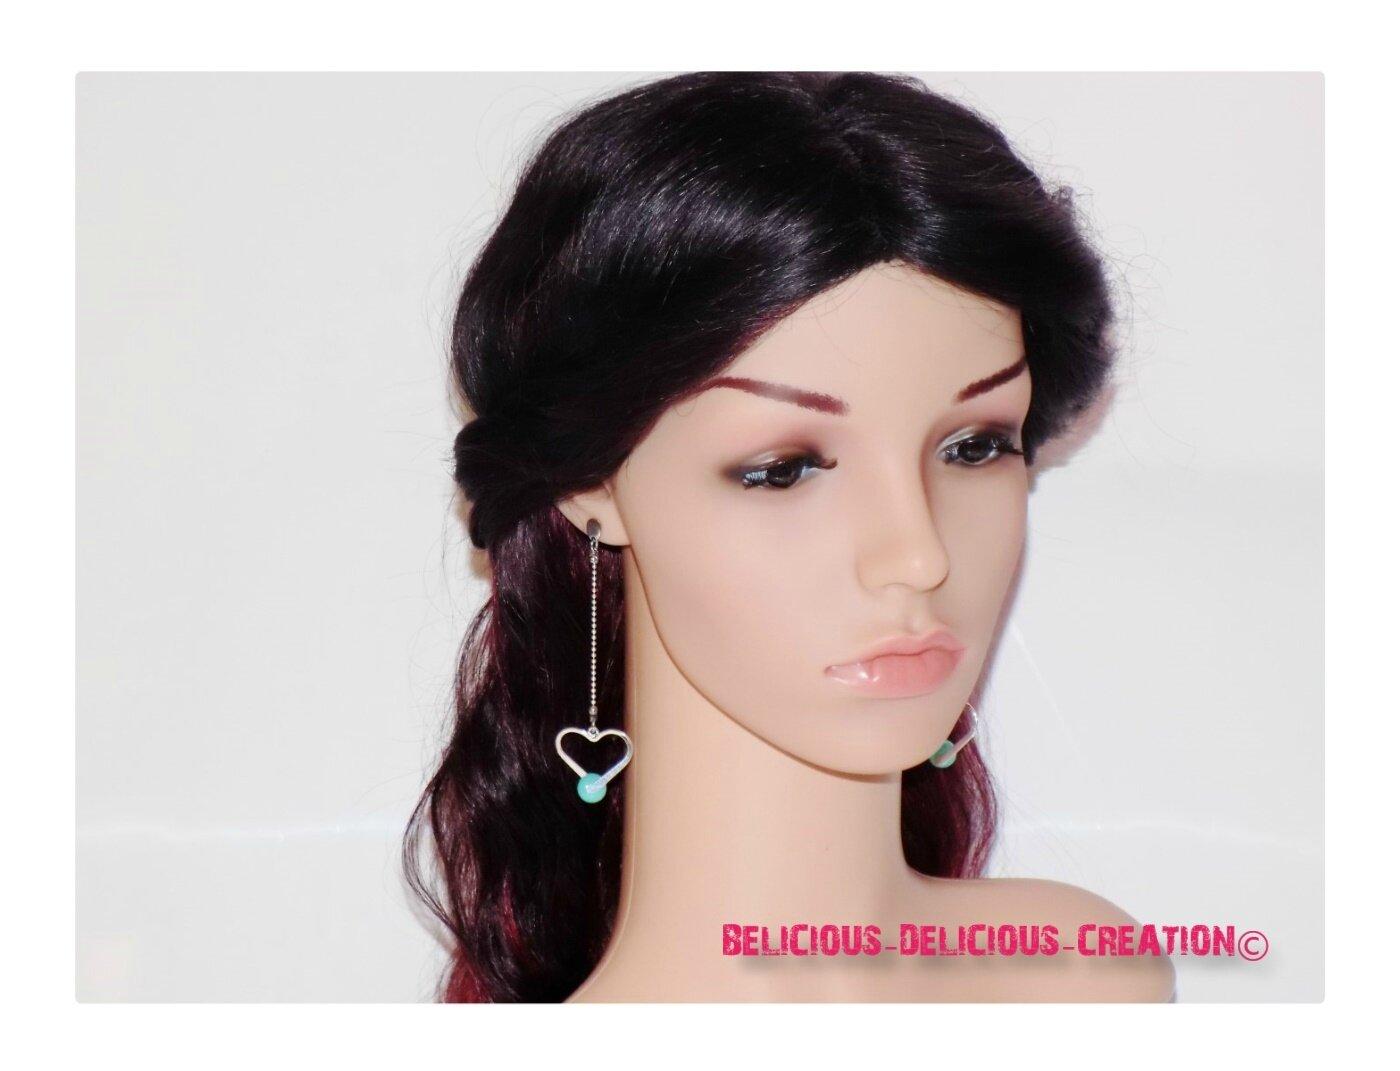 Original Boucles d'oreilles !! BLUE PEARLHEART !! en metal argent T: 8.5cm BELICIOUS-DELICIOUS-CREATION